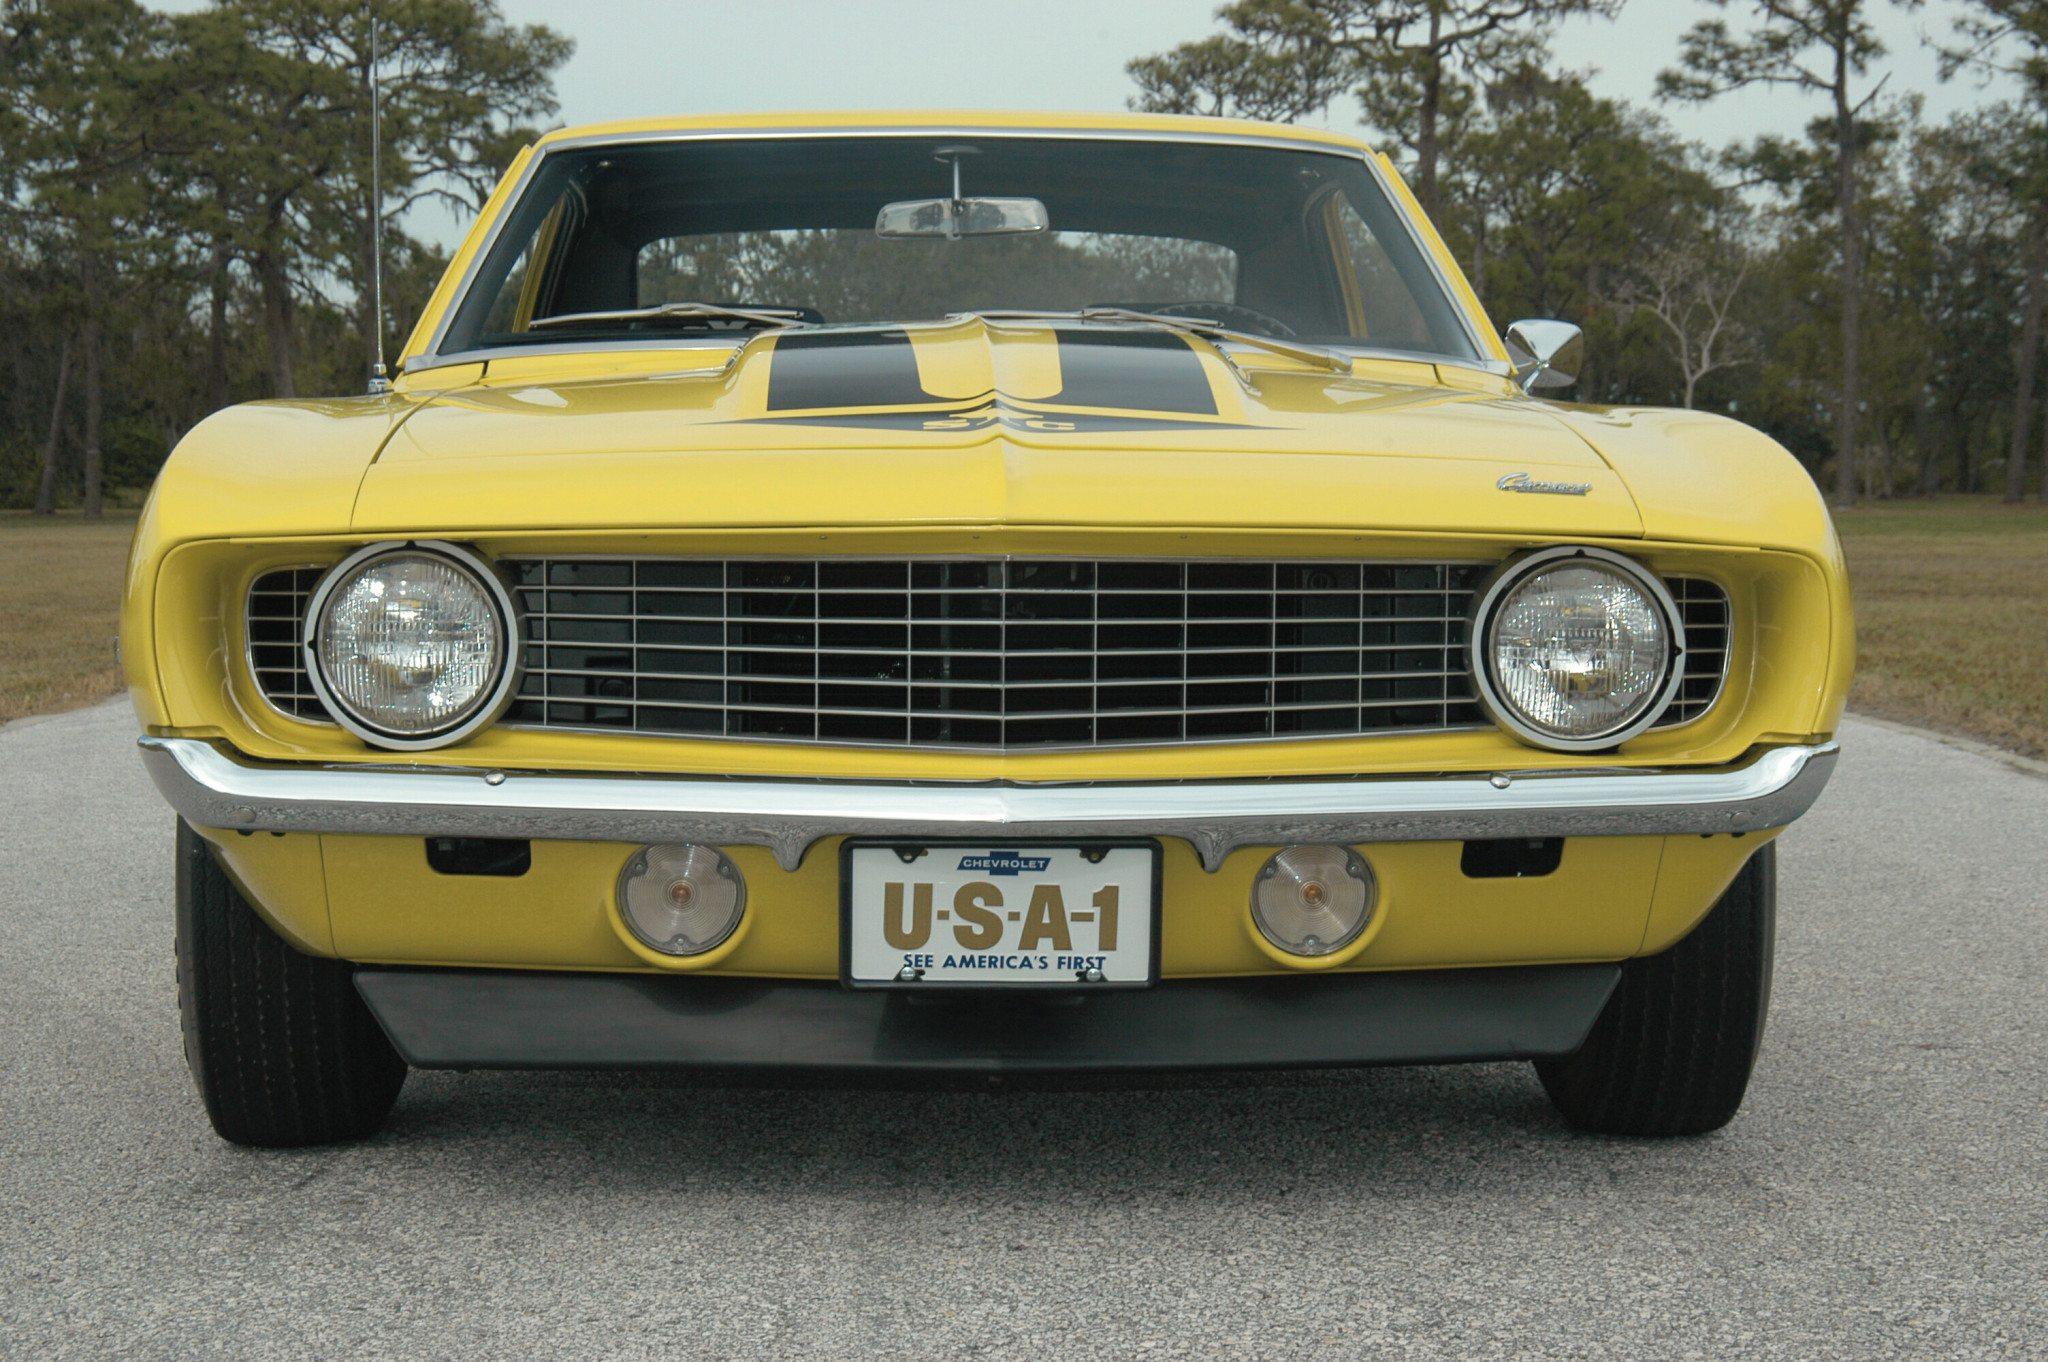 1969 Yenko Camaro Syc 427 Heacock Classic Insurance